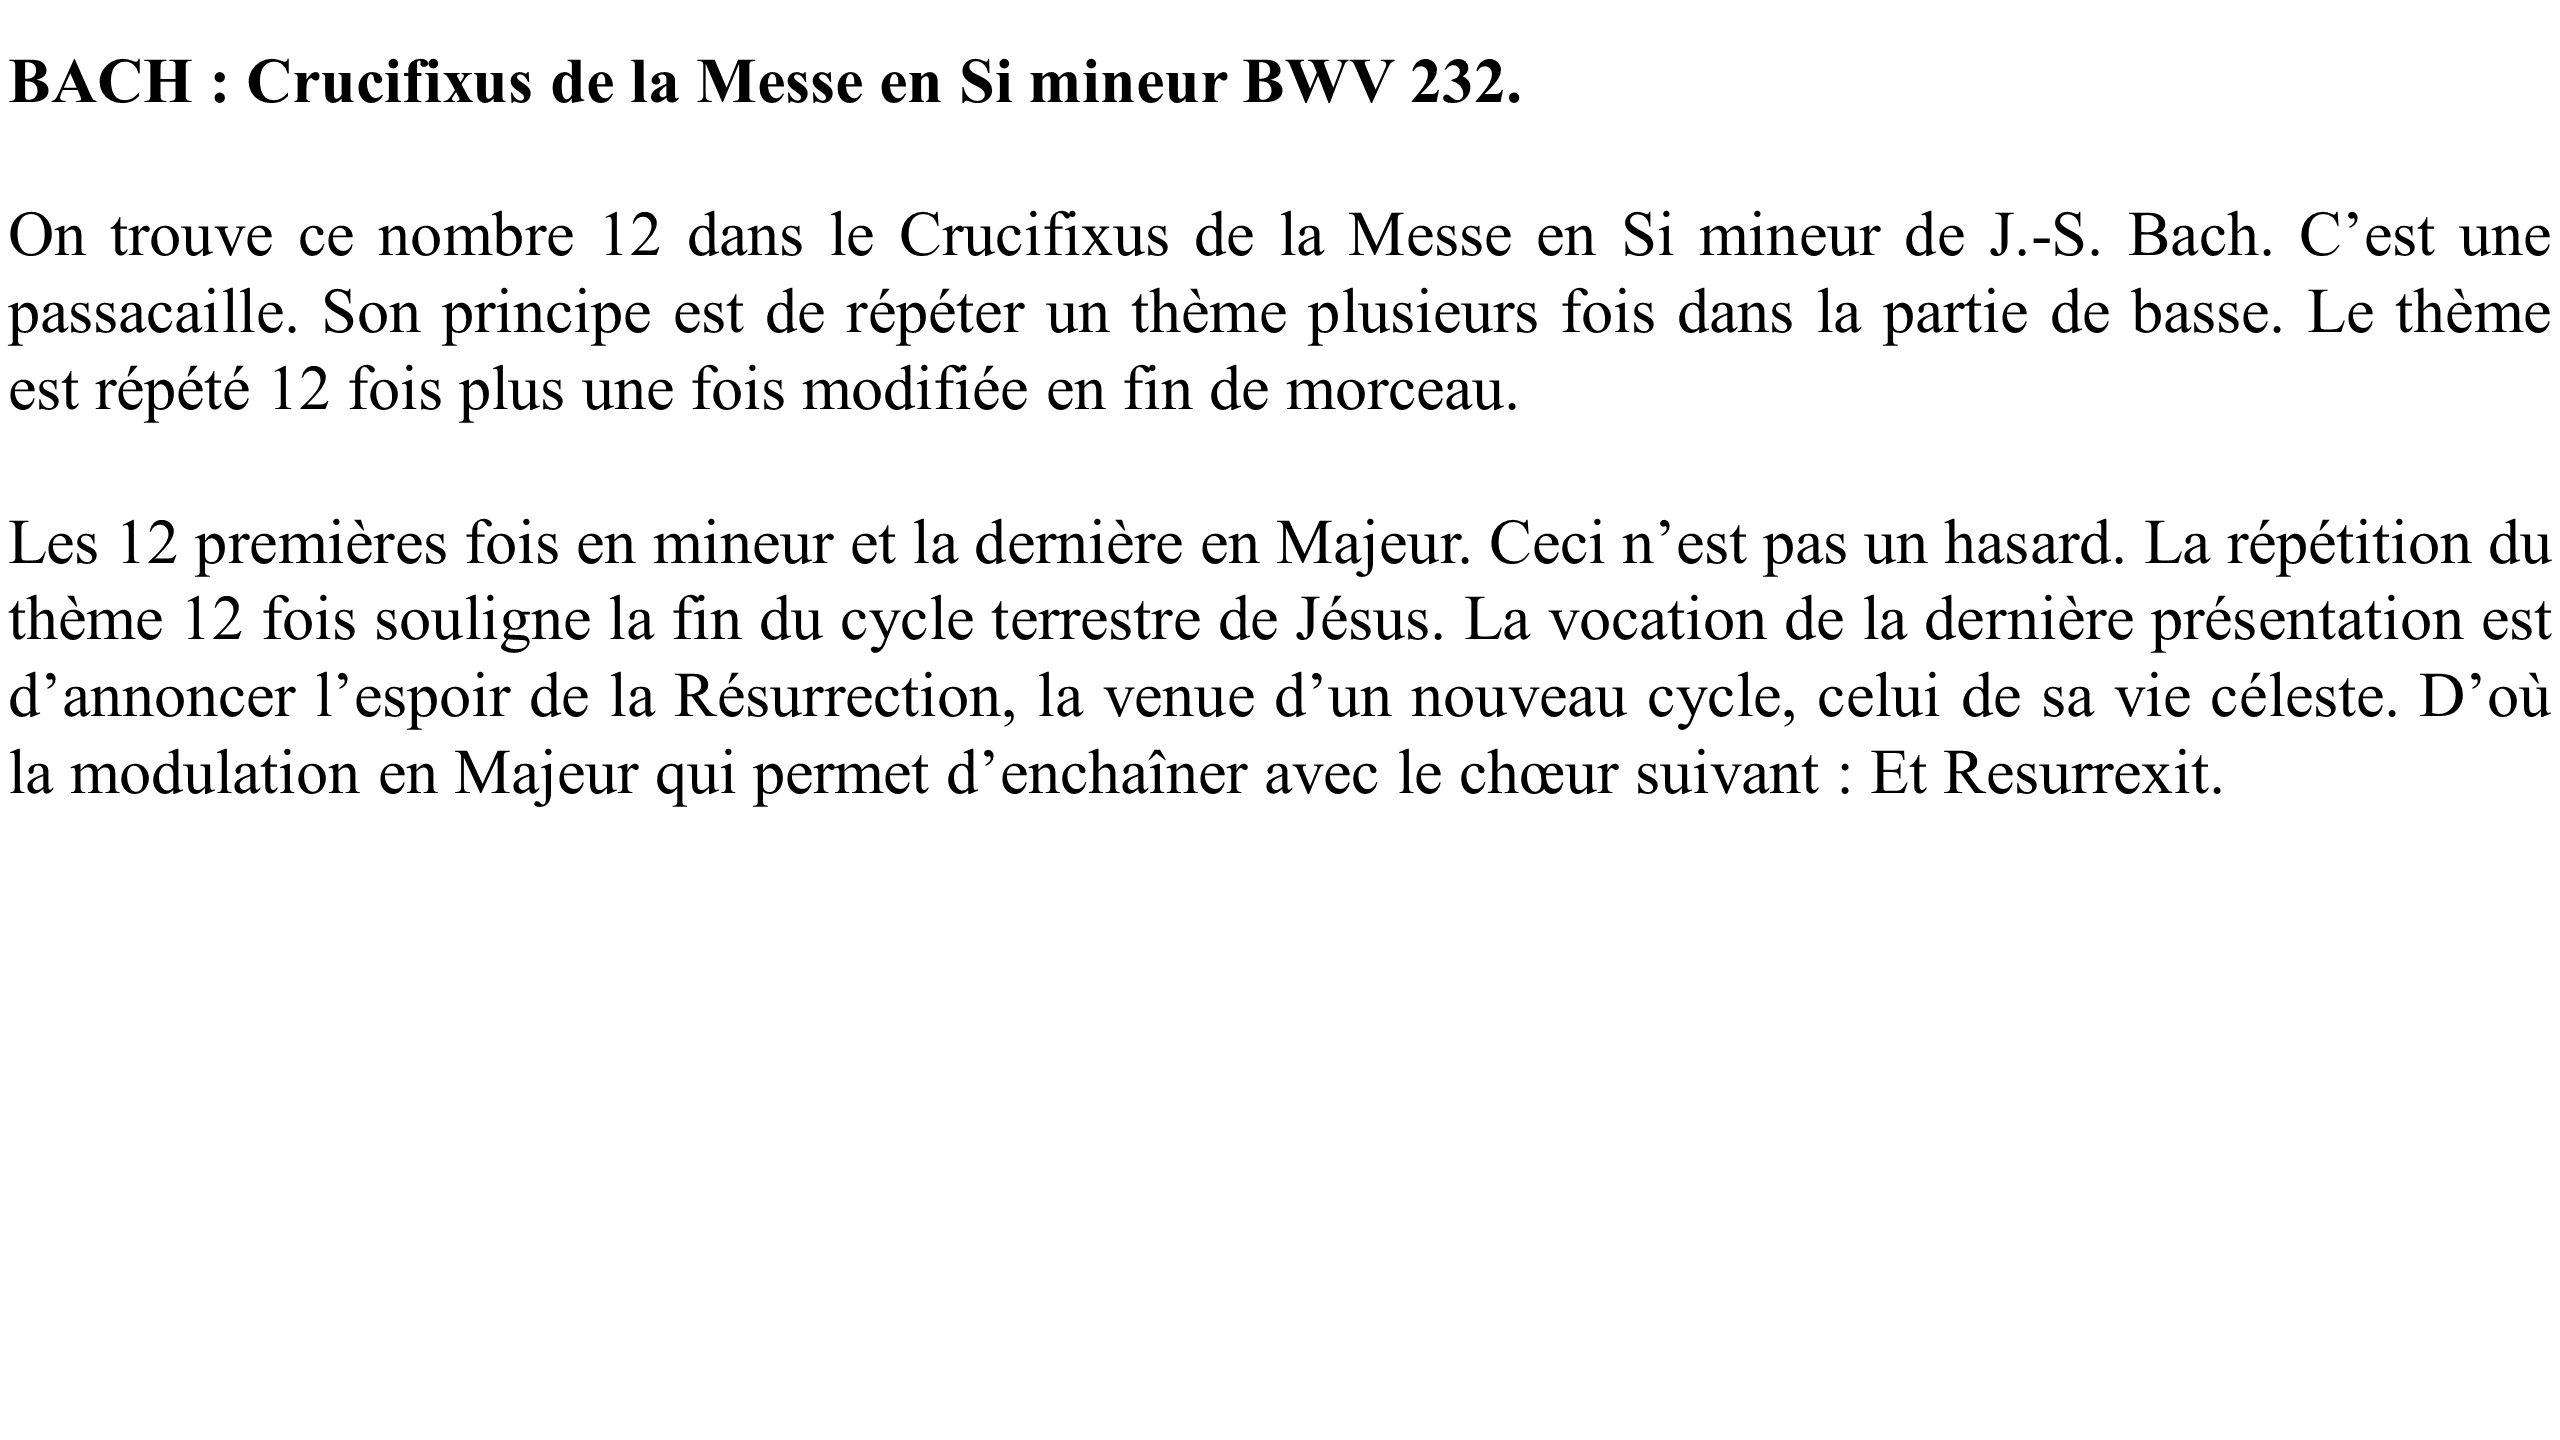 BACH : Crucifixus de la Messe en Si mineur BWV 232. On trouve ce nombre 12 dans le Crucifixus de la Messe en Si mineur de J.-S. Bach. Cest une passaca